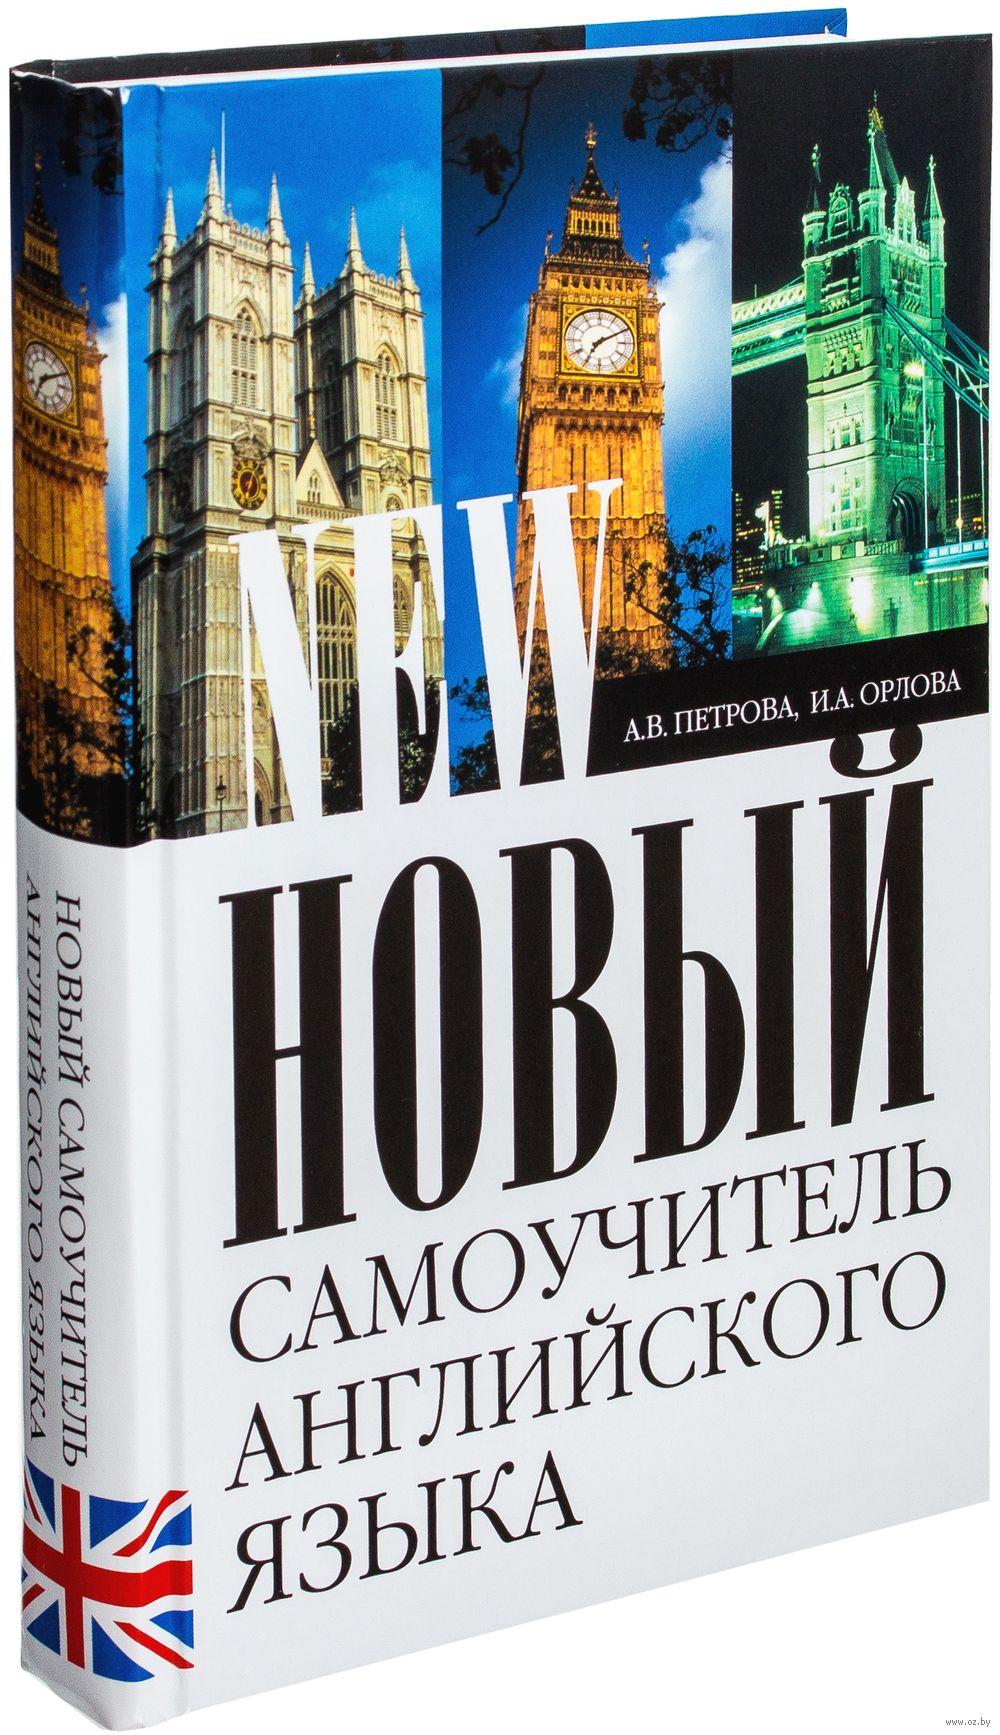 Скачать книгу петрова самоучитель английского языка